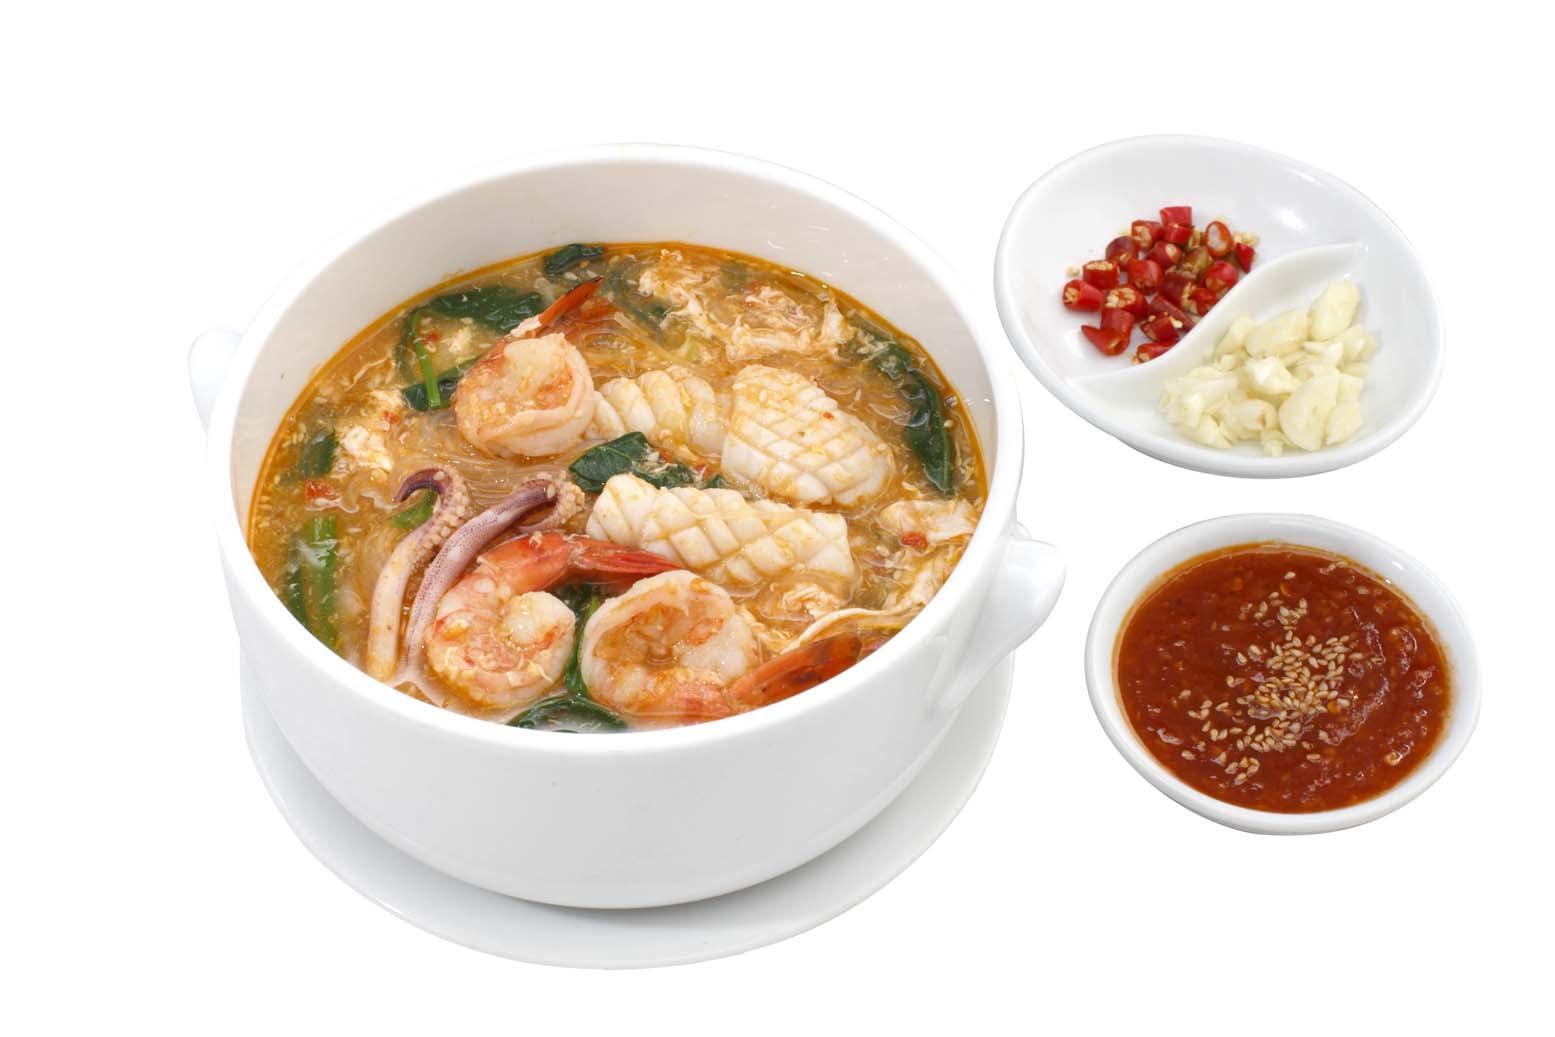 Vào bếp với món súp hải sản bổ dưỡng cho cả nhà